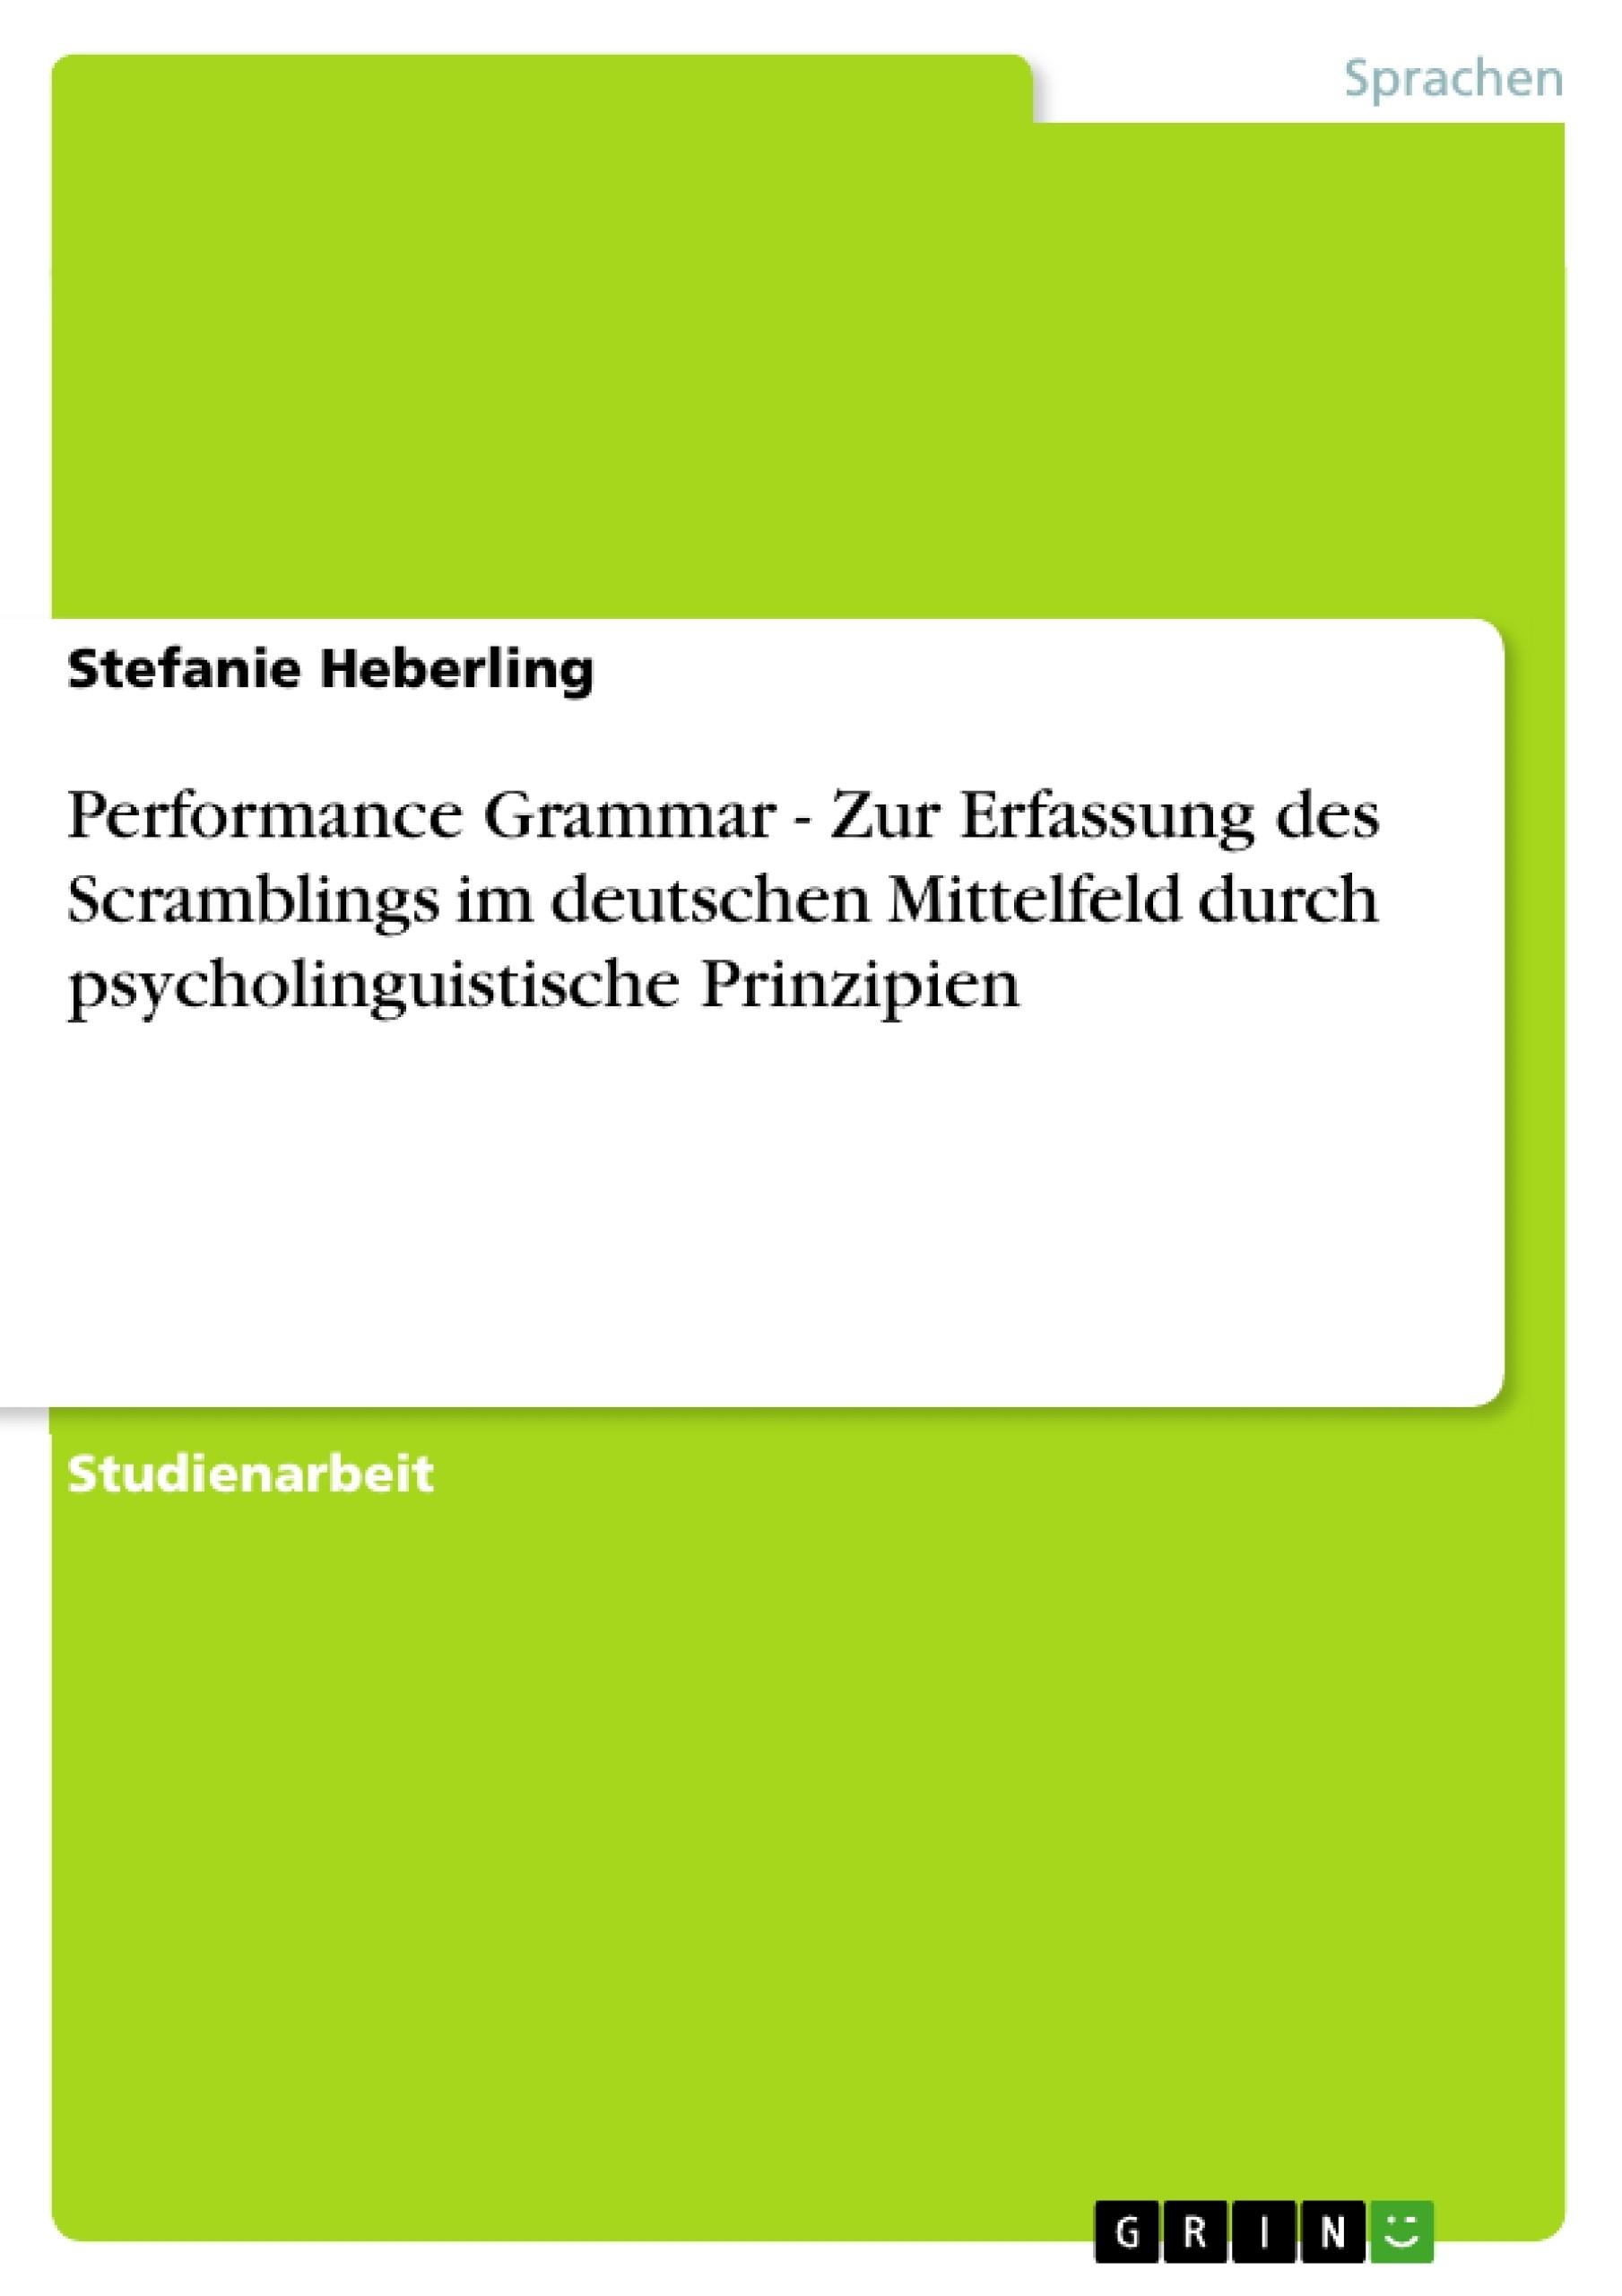 Titel: Performance Grammar - Zur Erfassung des Scramblings im deutschen Mittelfeld durch psycholinguistische Prinzipien